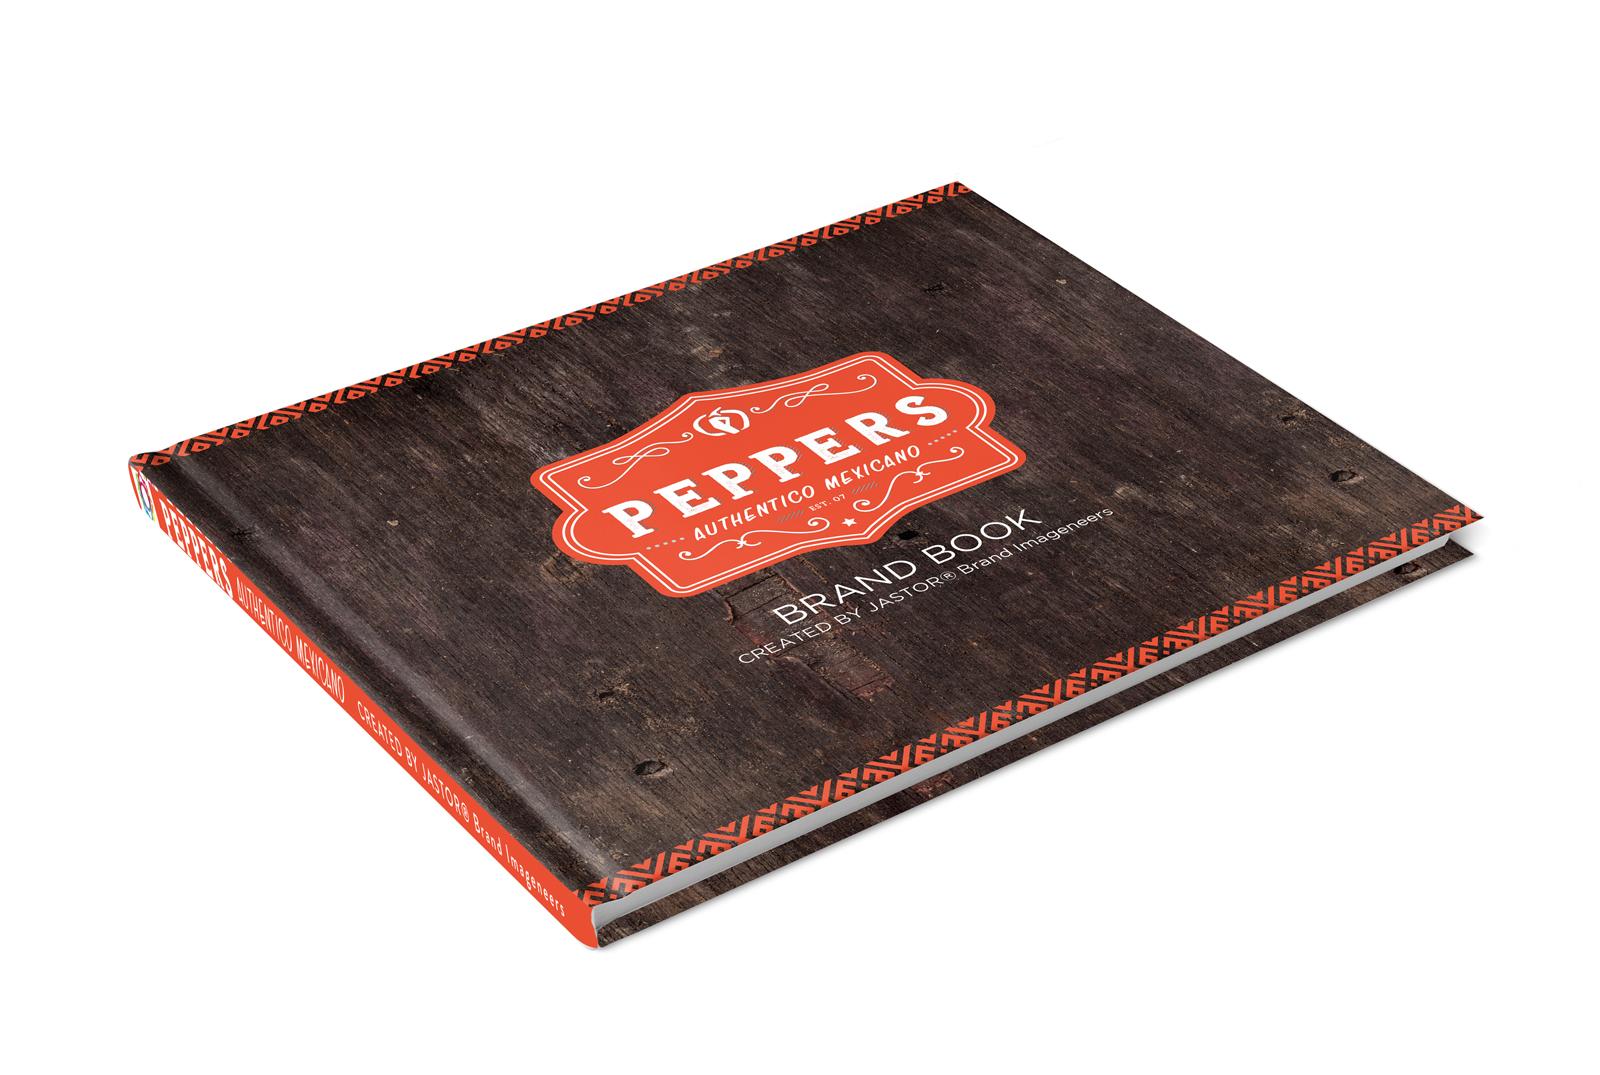 peppersbook.jpg